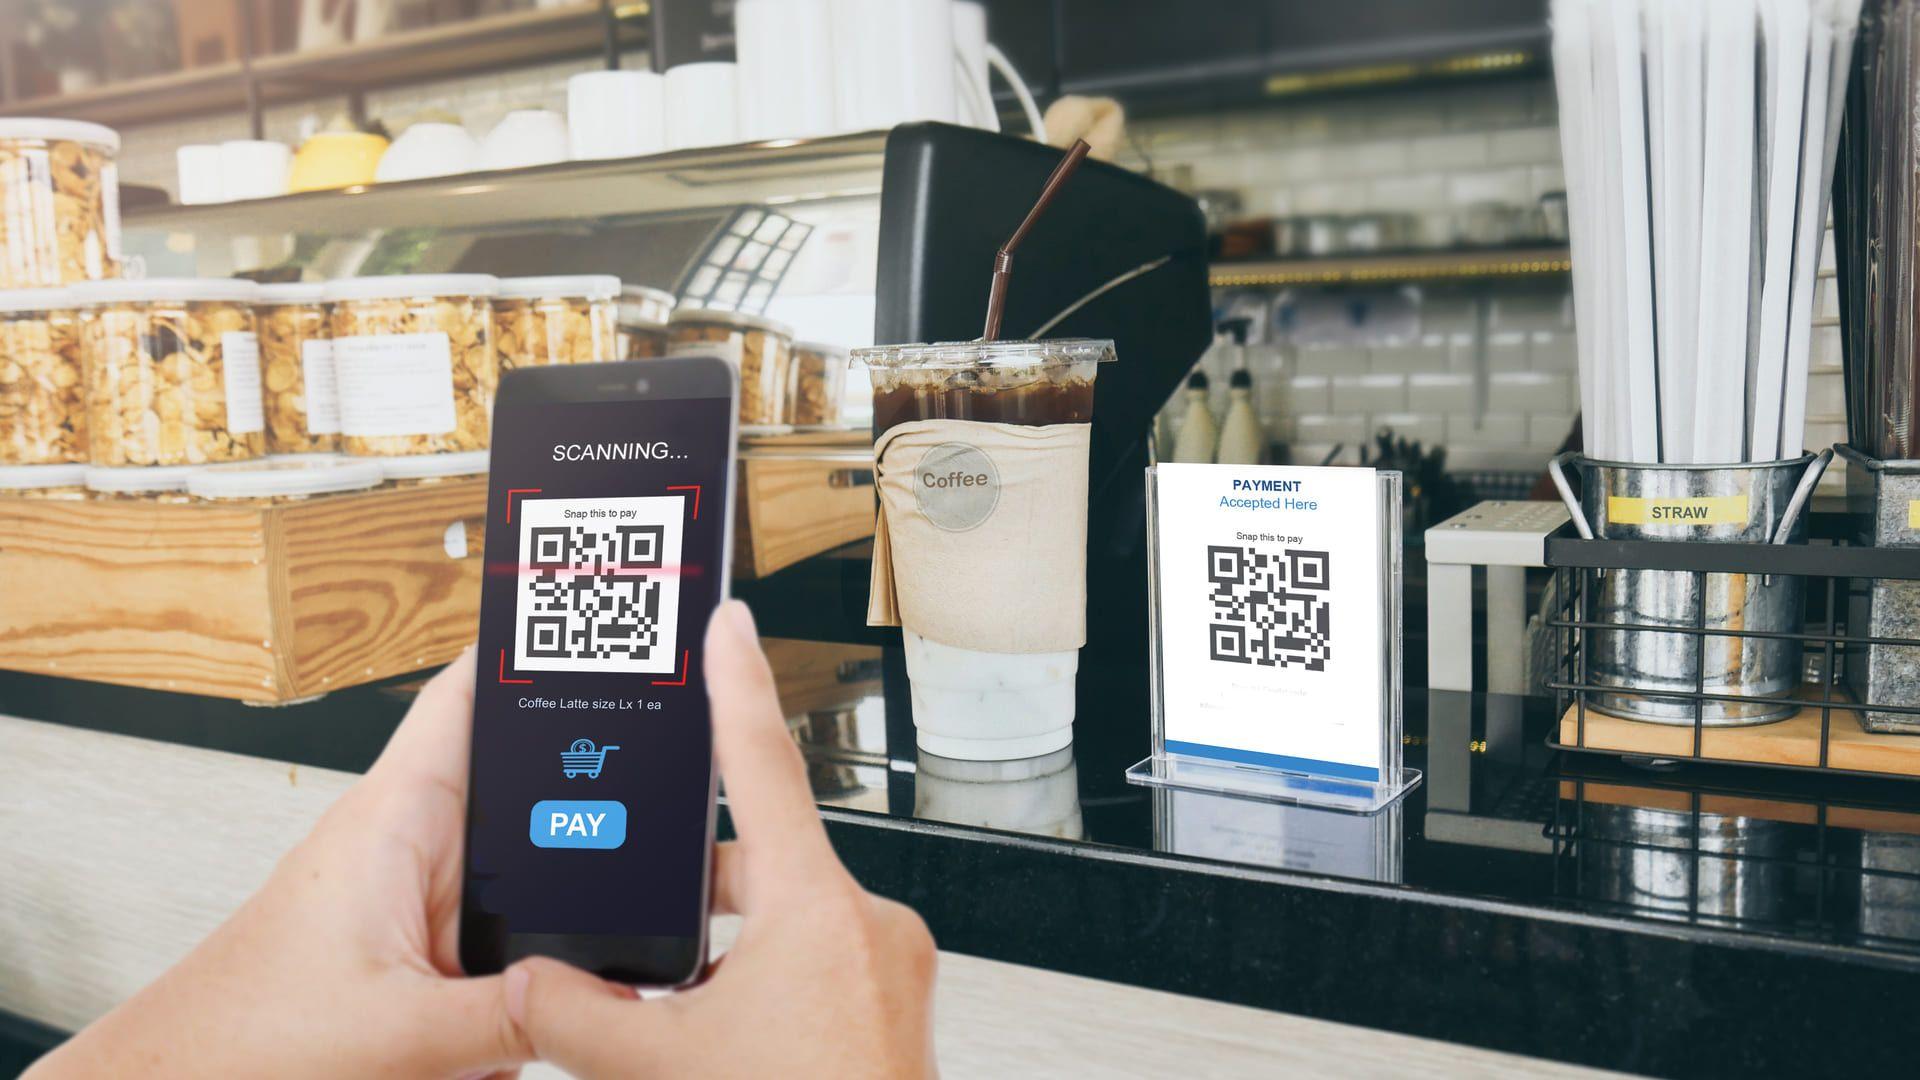 Uma das formas mais práticas de realizar pagamentos em estabelecimentos é utilizando o QR Code. (Foto: Shutterstock)